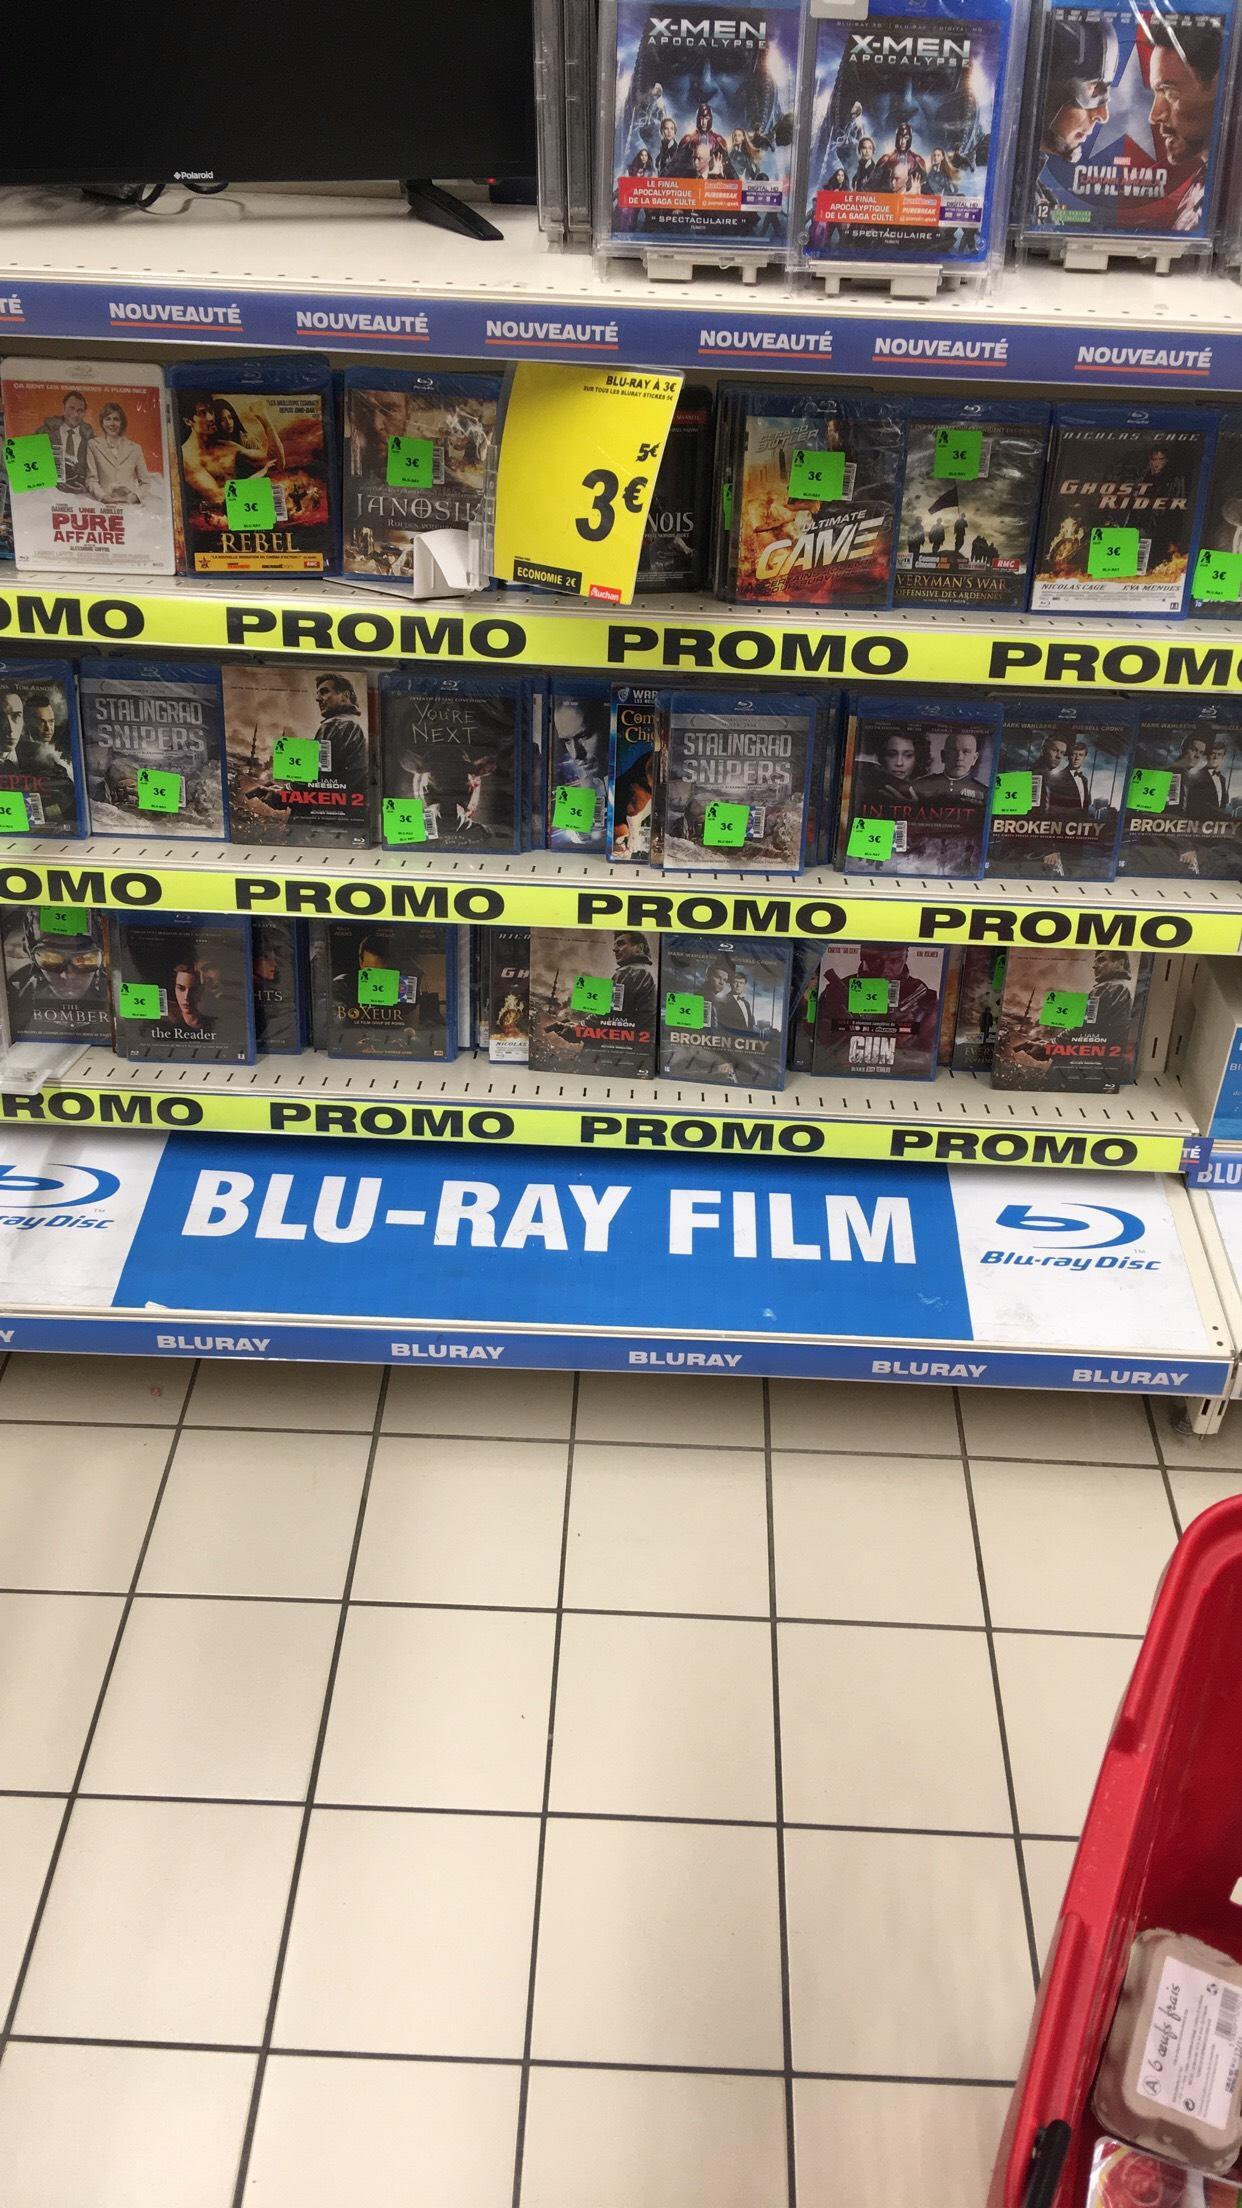 Sélection de Films Blu-ray en promotion - Ex : Blu-ray Taken 2